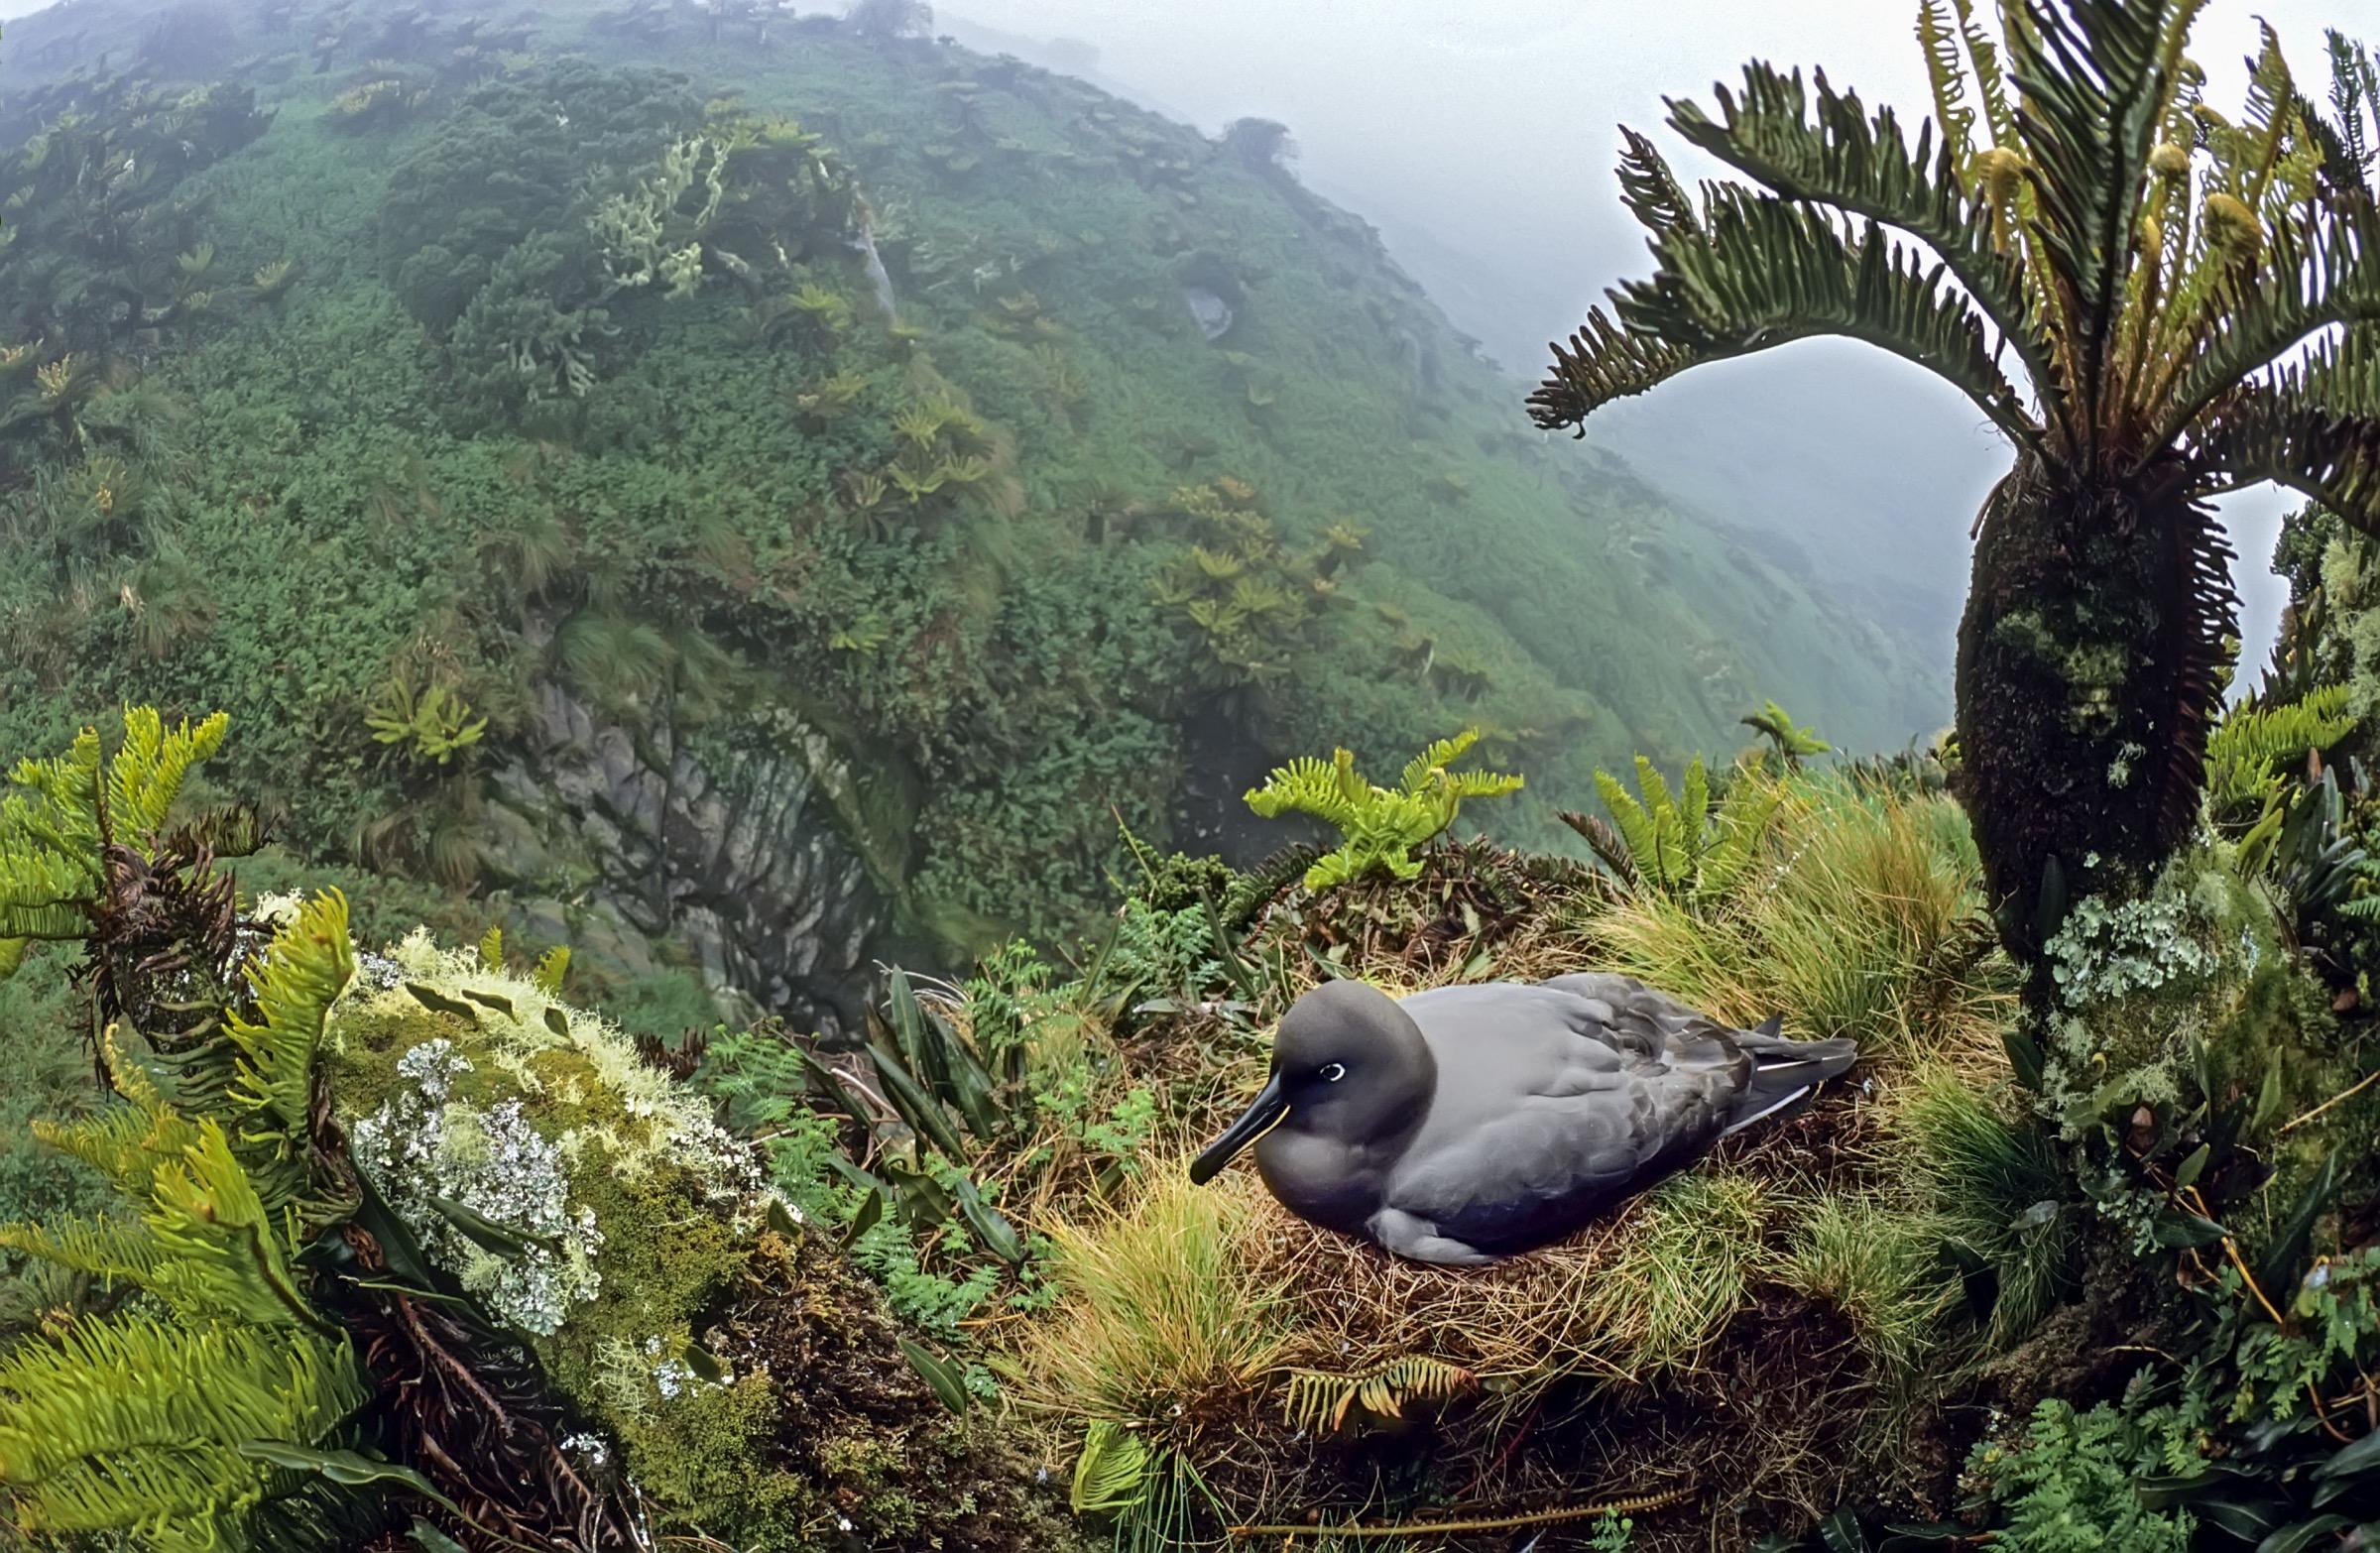 sooty albatross (Phoebetria fusca)